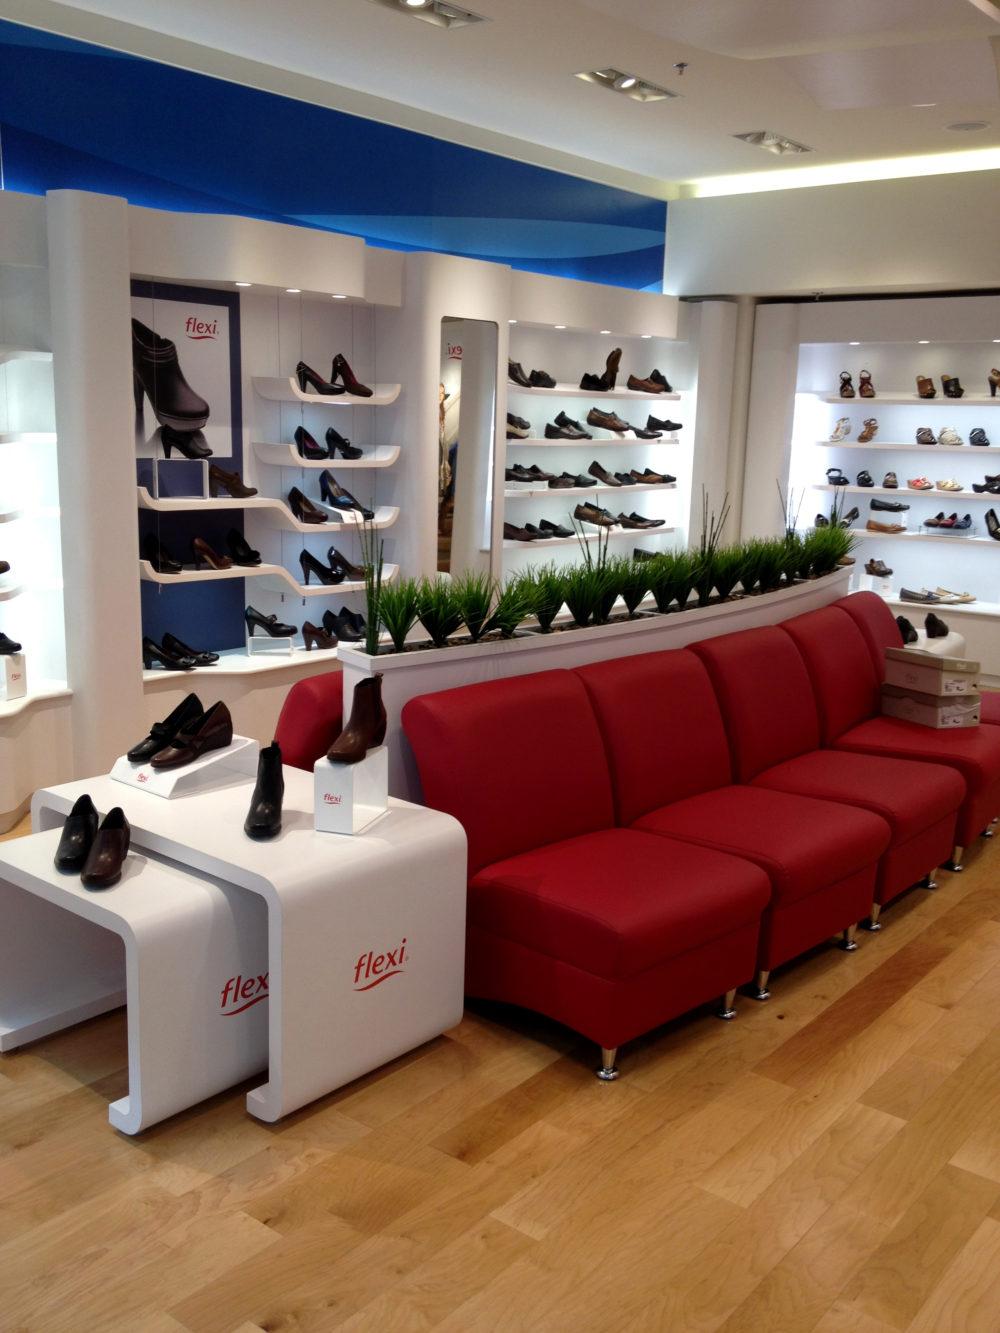 Flexi Footwear Retail Store